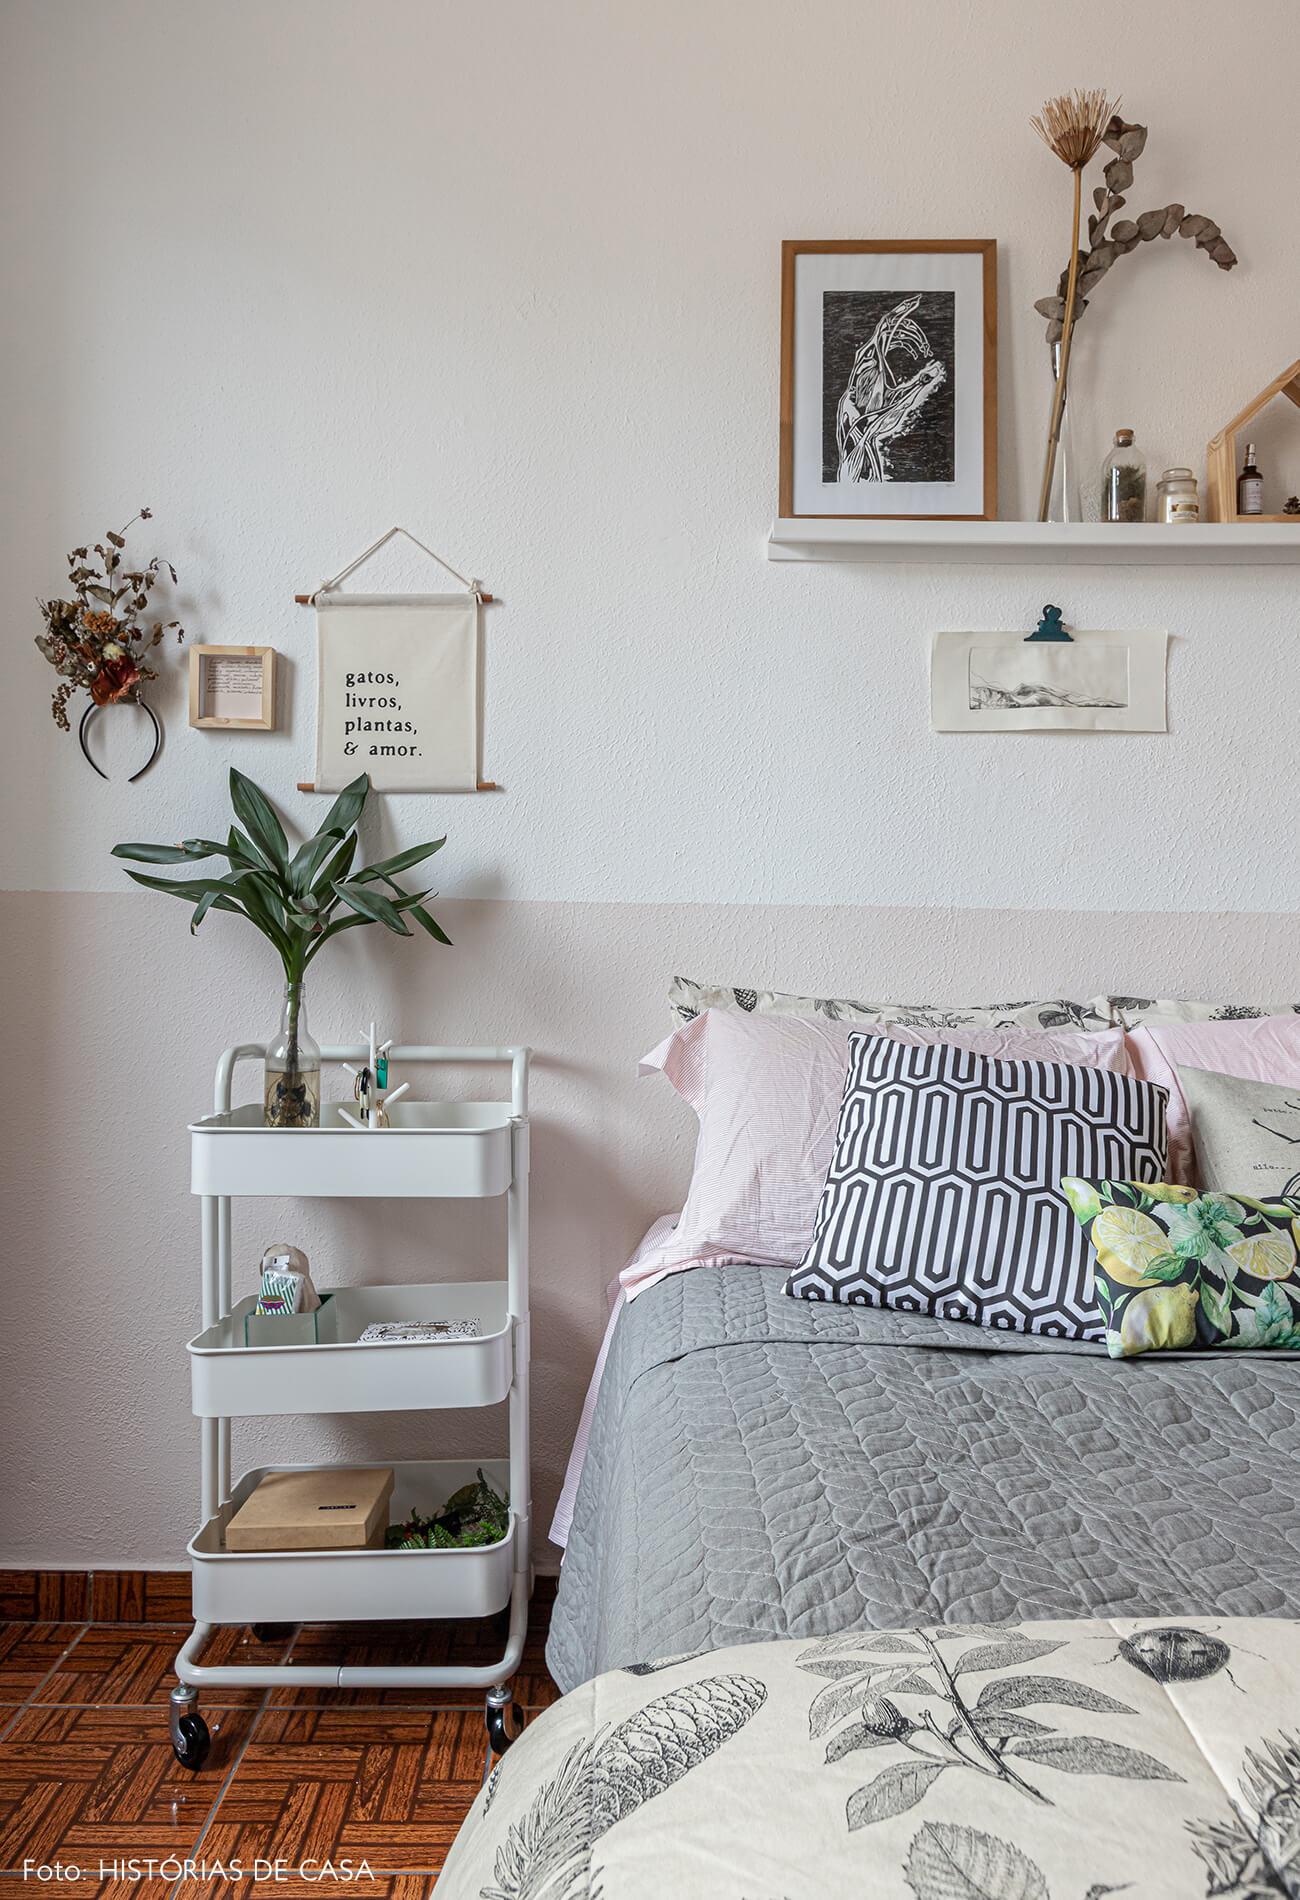 decoração-quarto-delicado-meia-parede-pintada